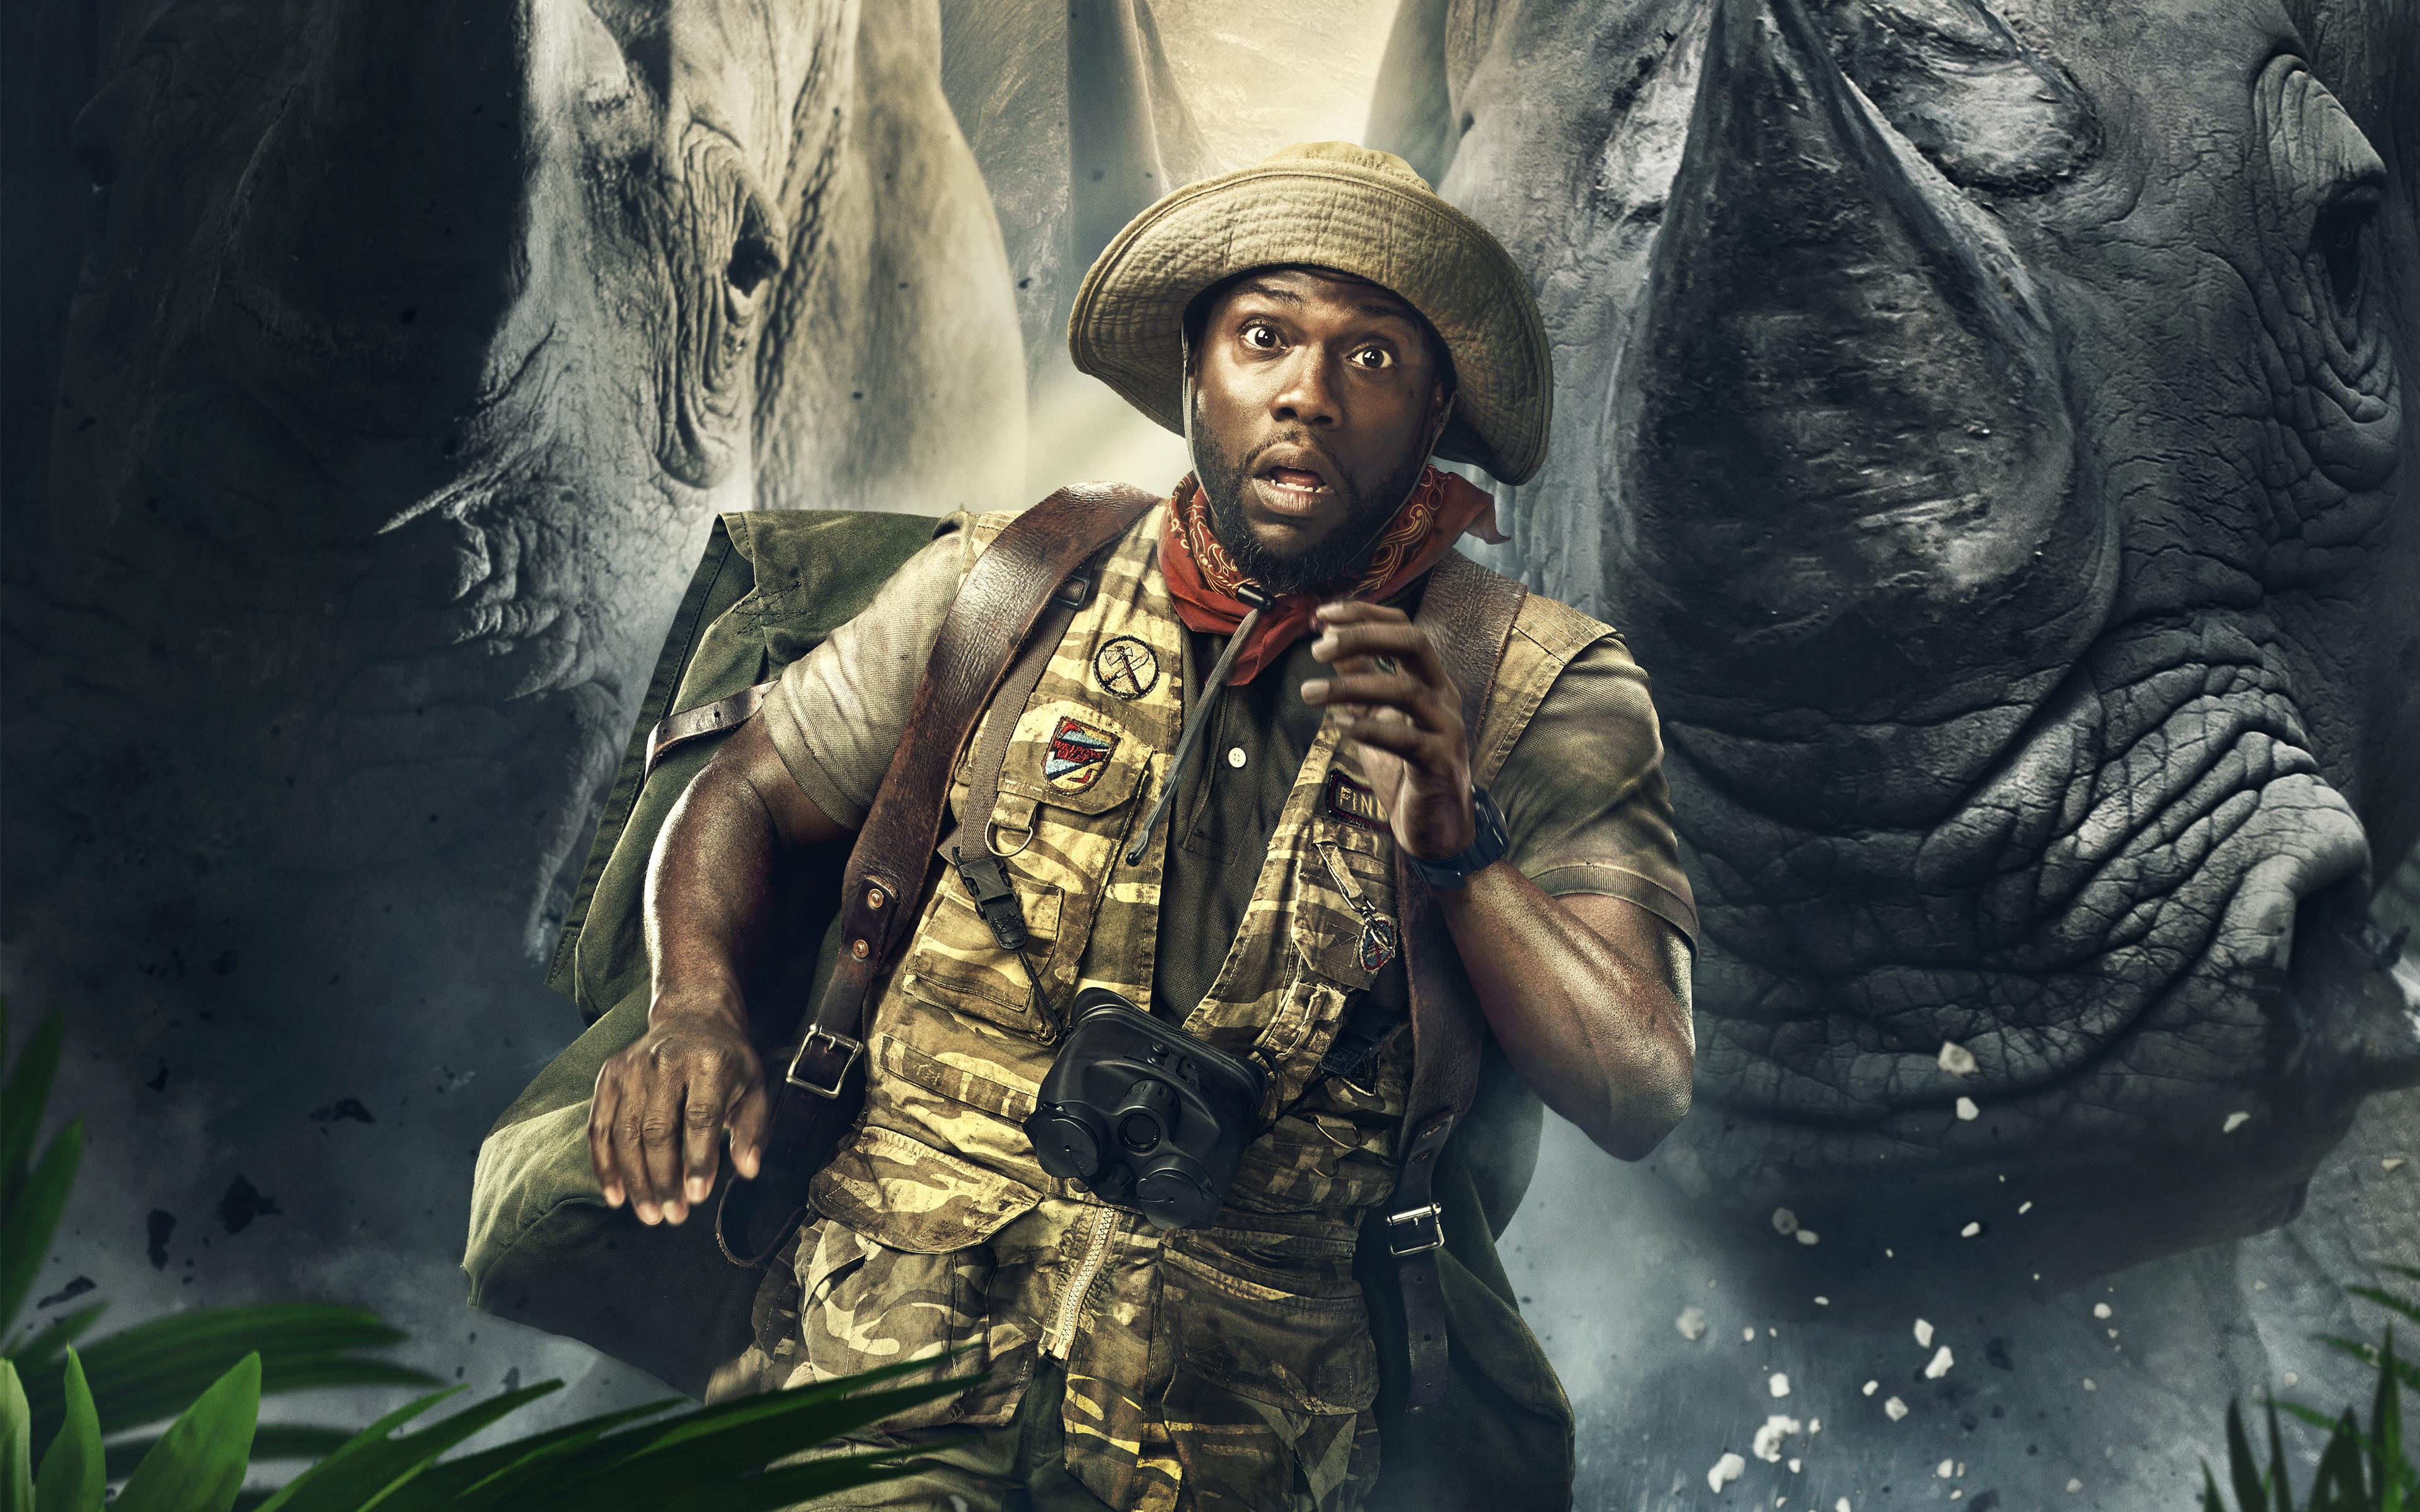 Кевин Харт jumanji Добро пожаловать в джунгли обои скачать